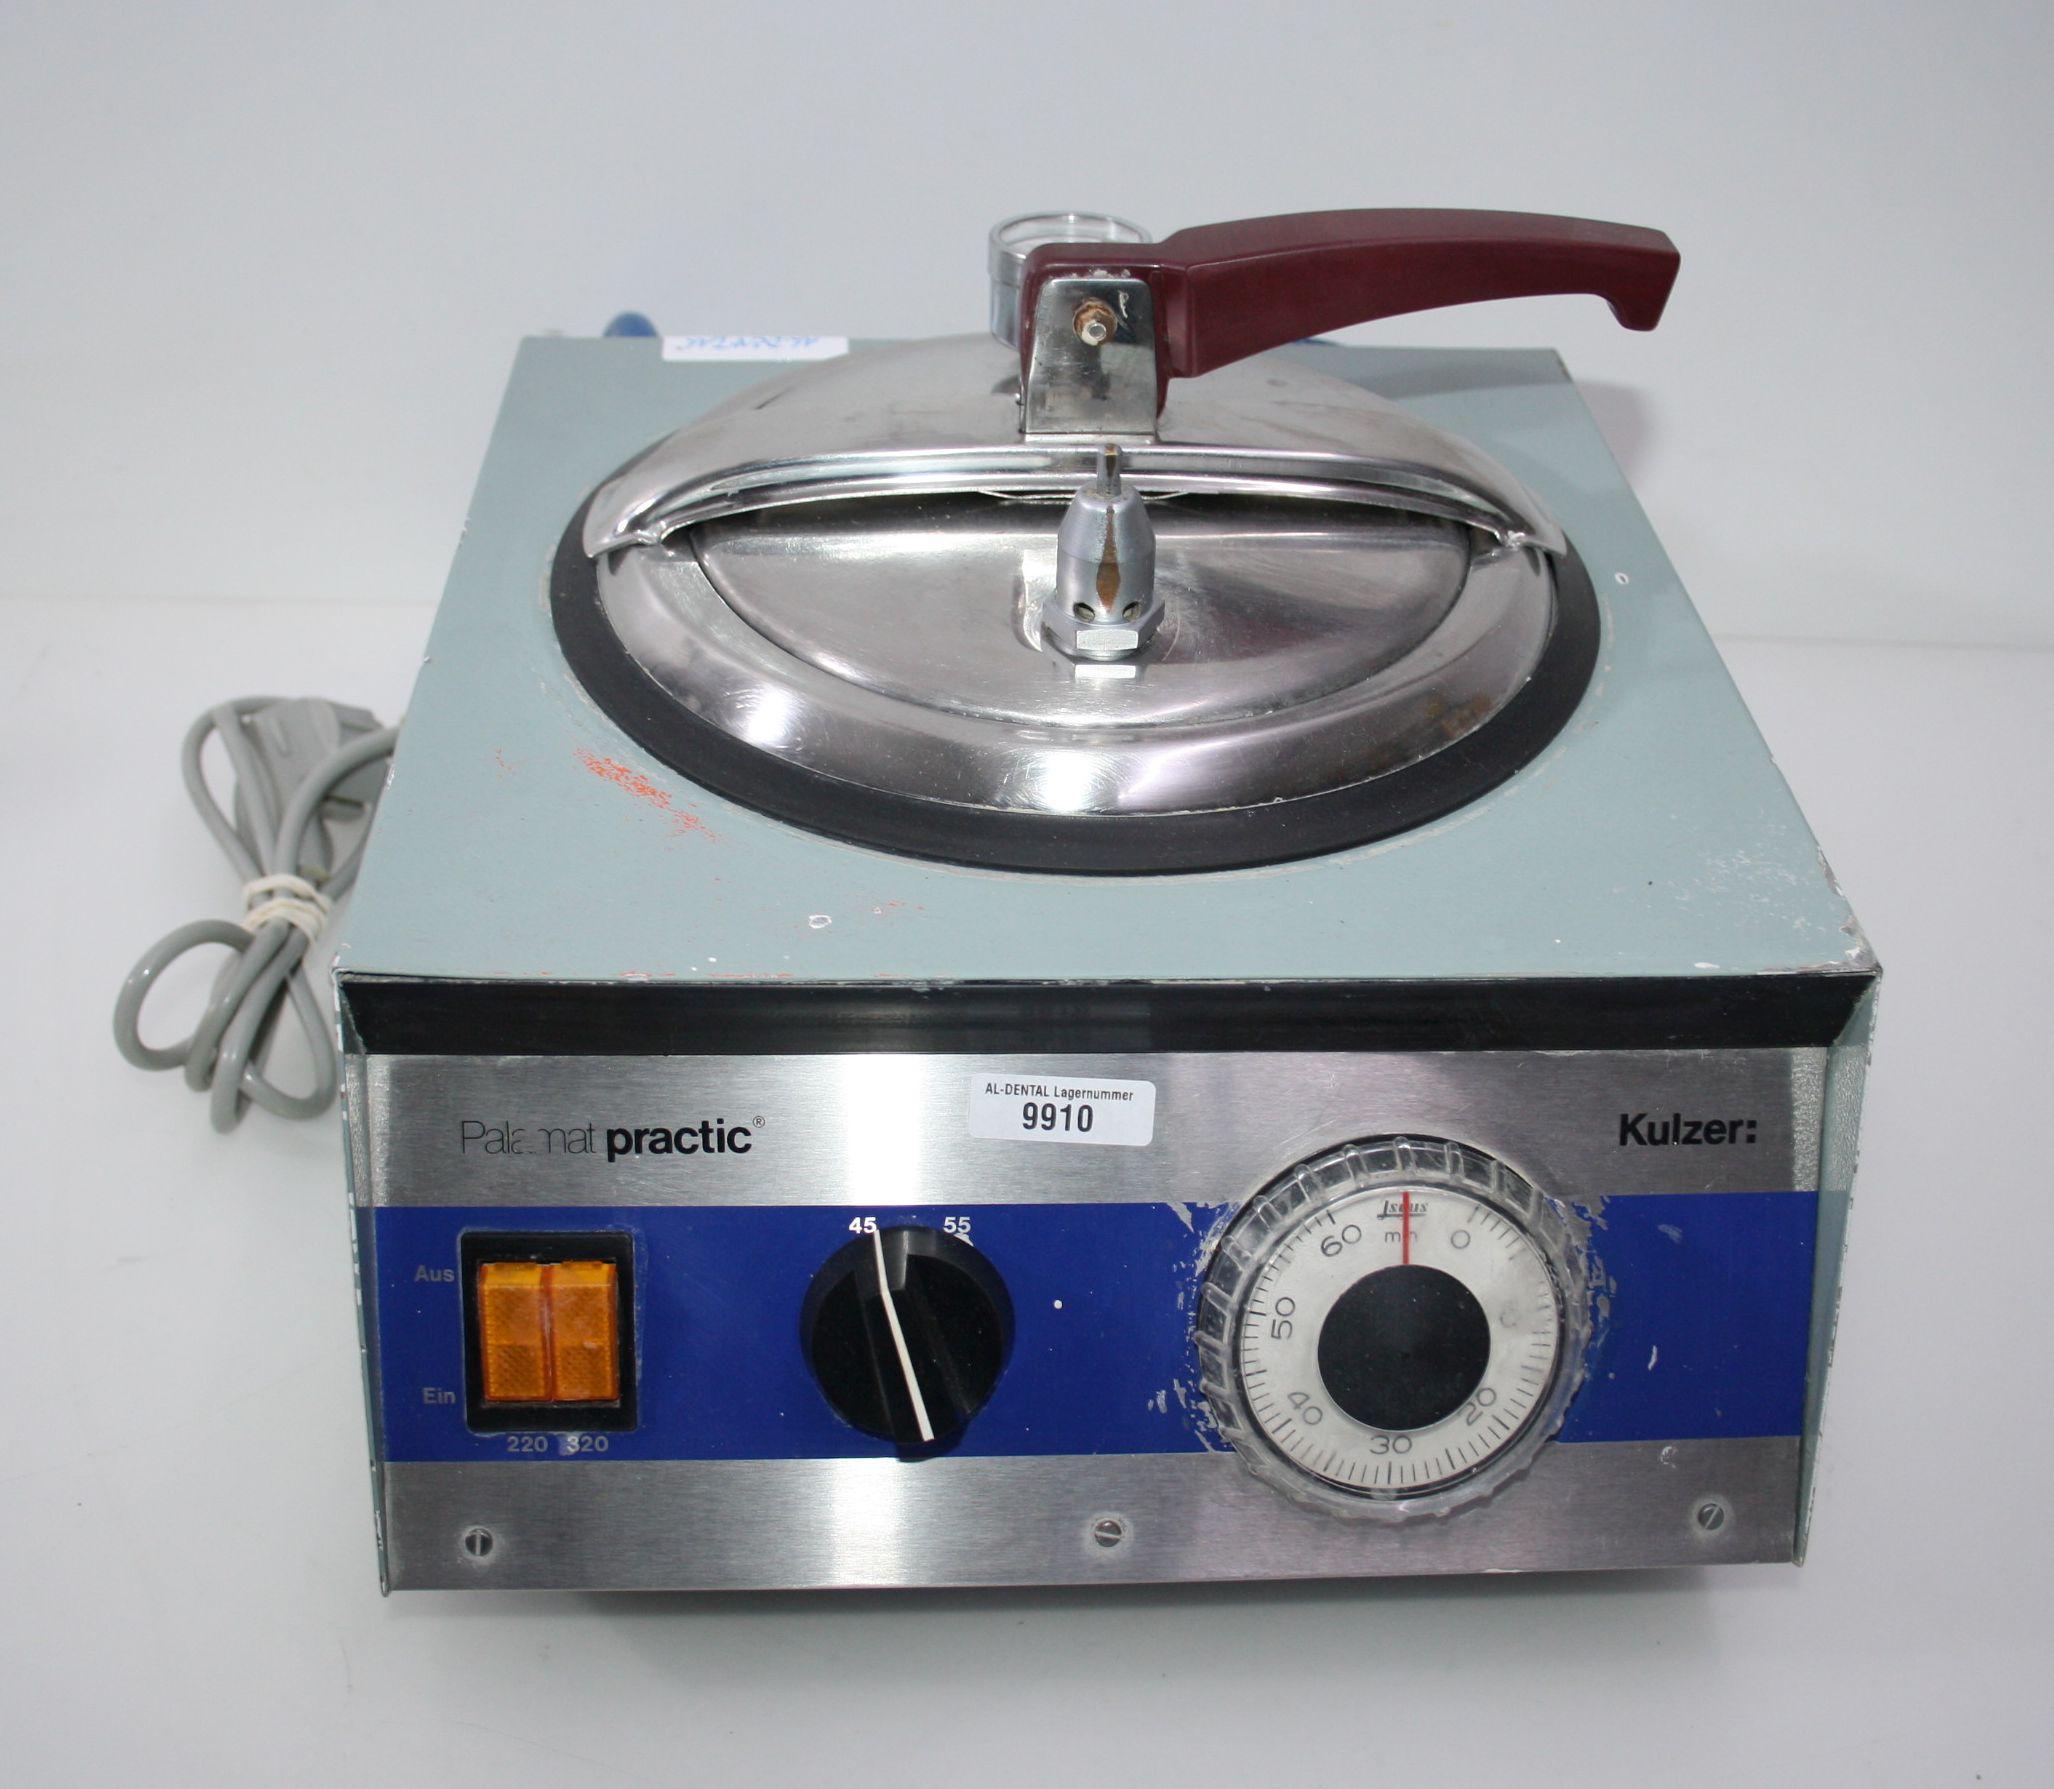 KULZER Drucktopf / Polymerisationsgerät Typ PalamatPractic # 9910